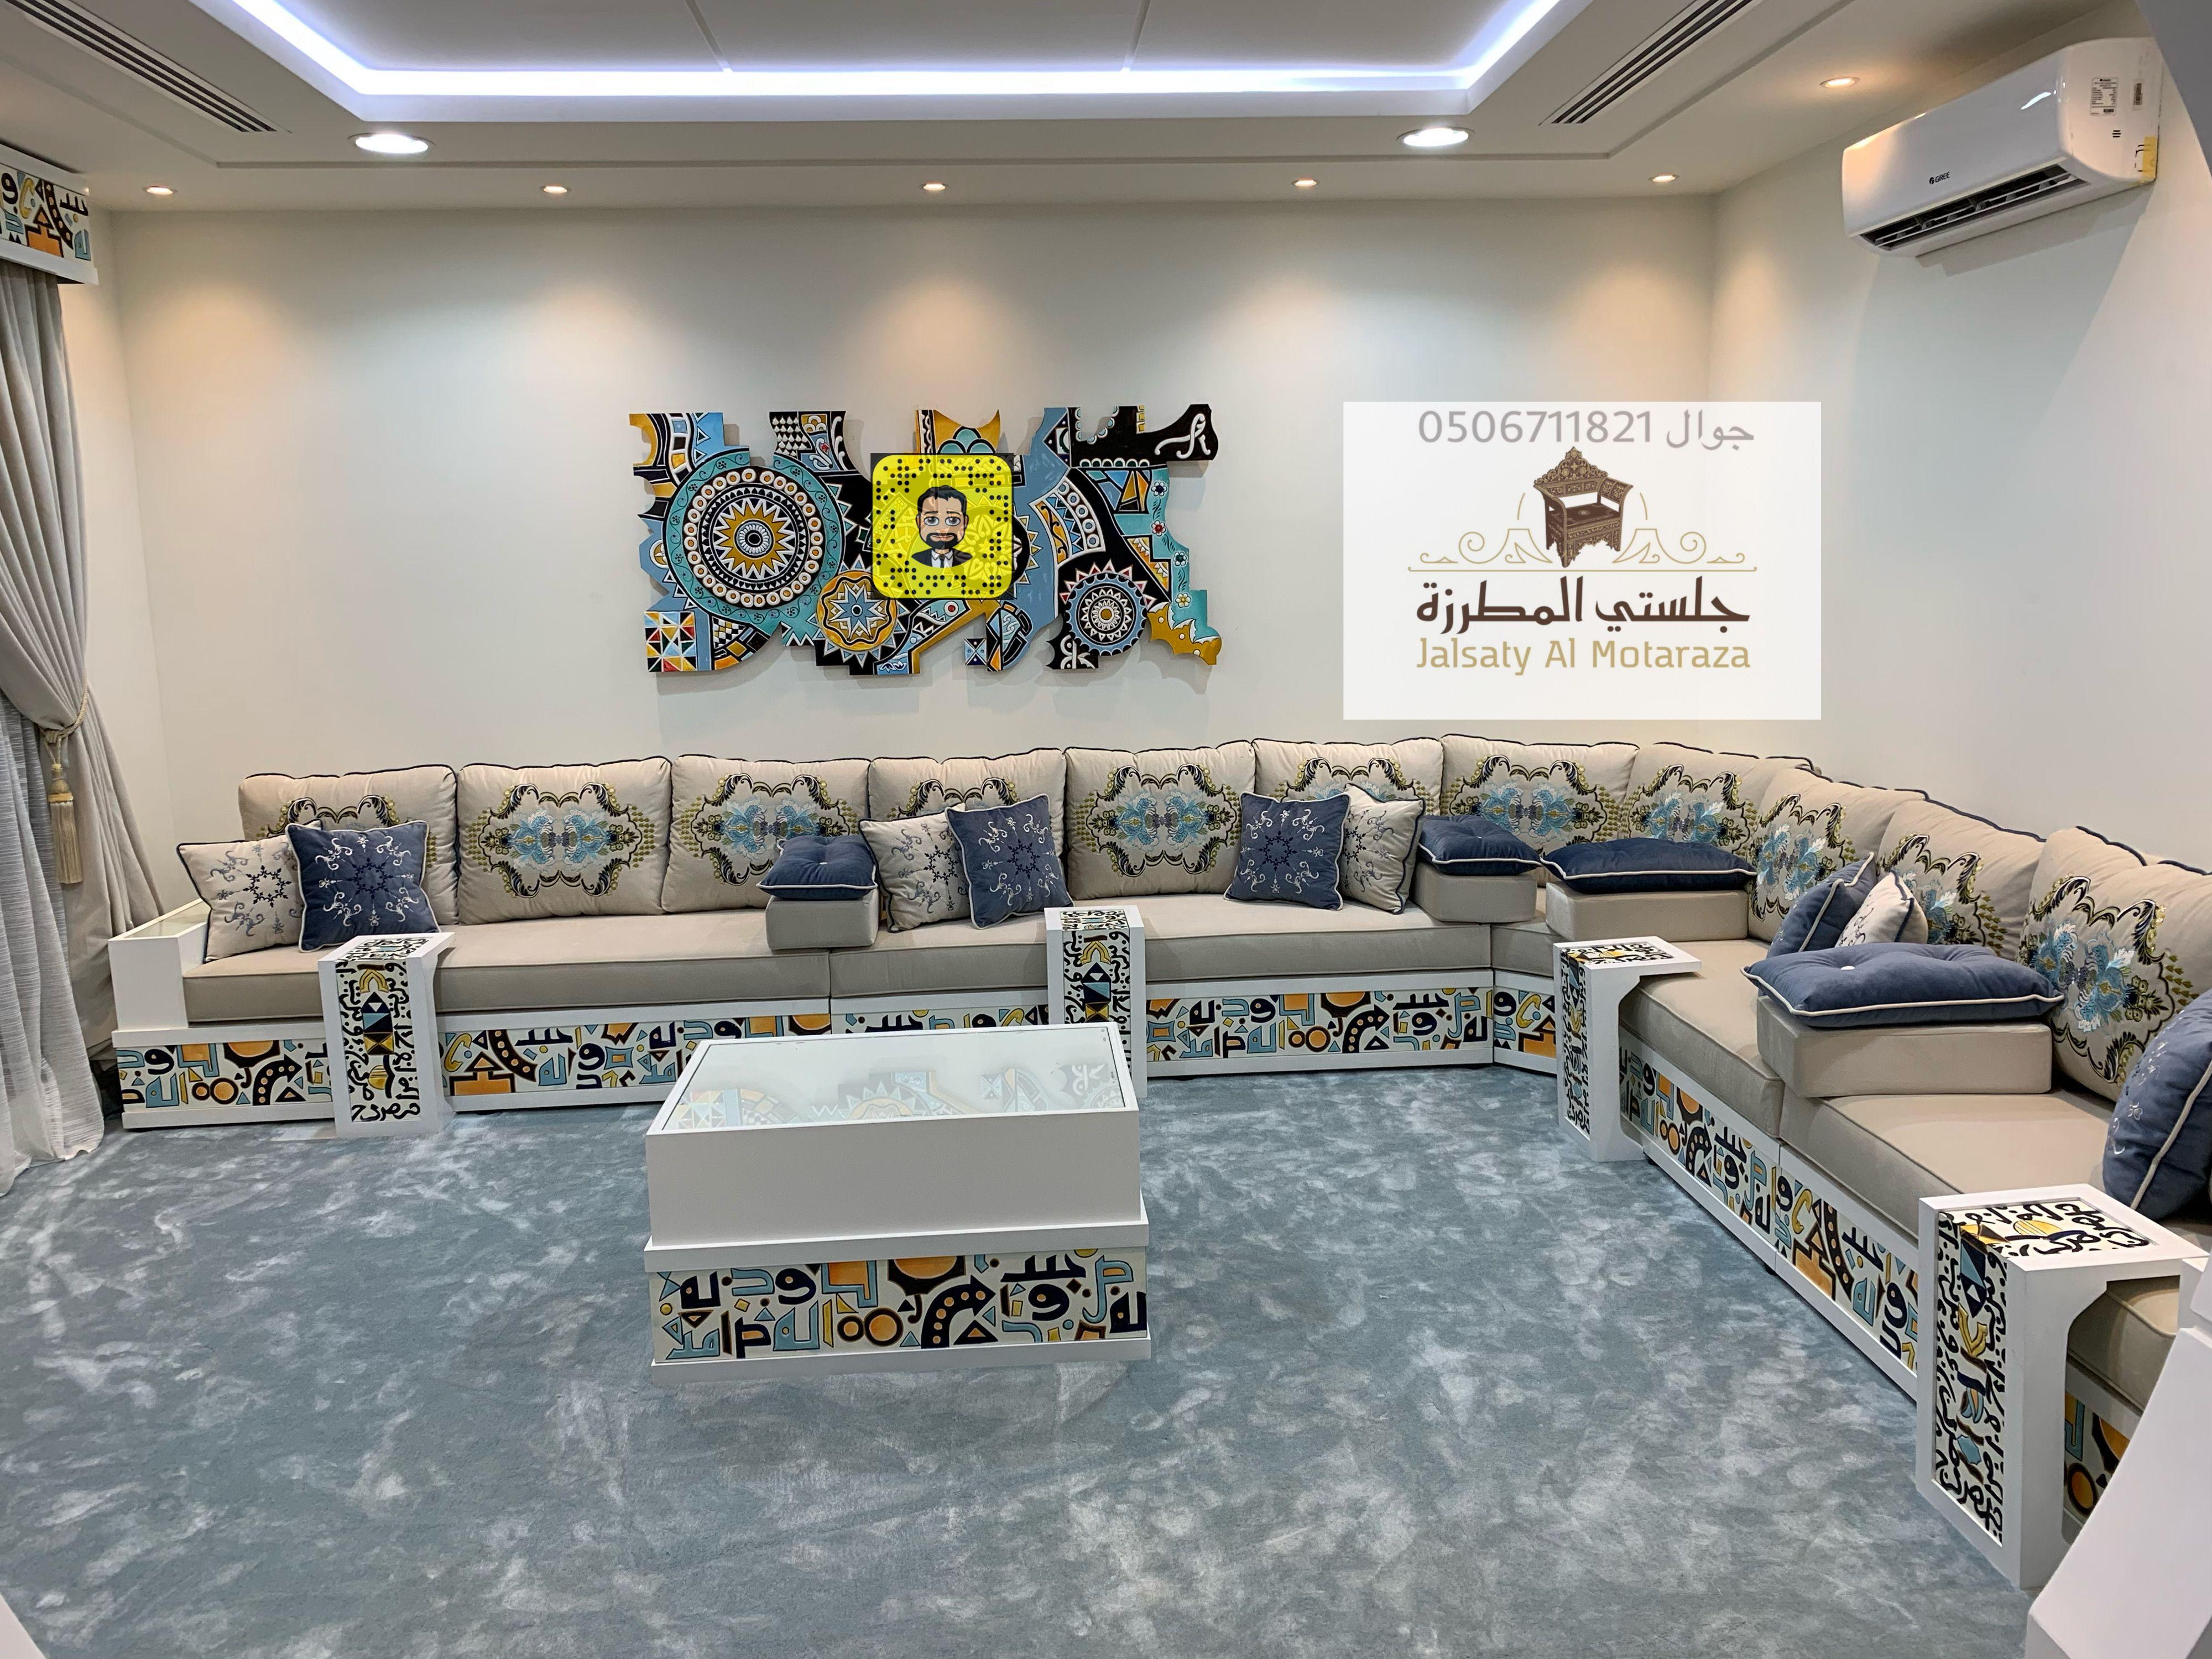 مجلس مغربي صلصال خزف من تصميم وتنفيذ جلستي المطرزة جوال 0506711821 Home Drawing Room Interior House Interior